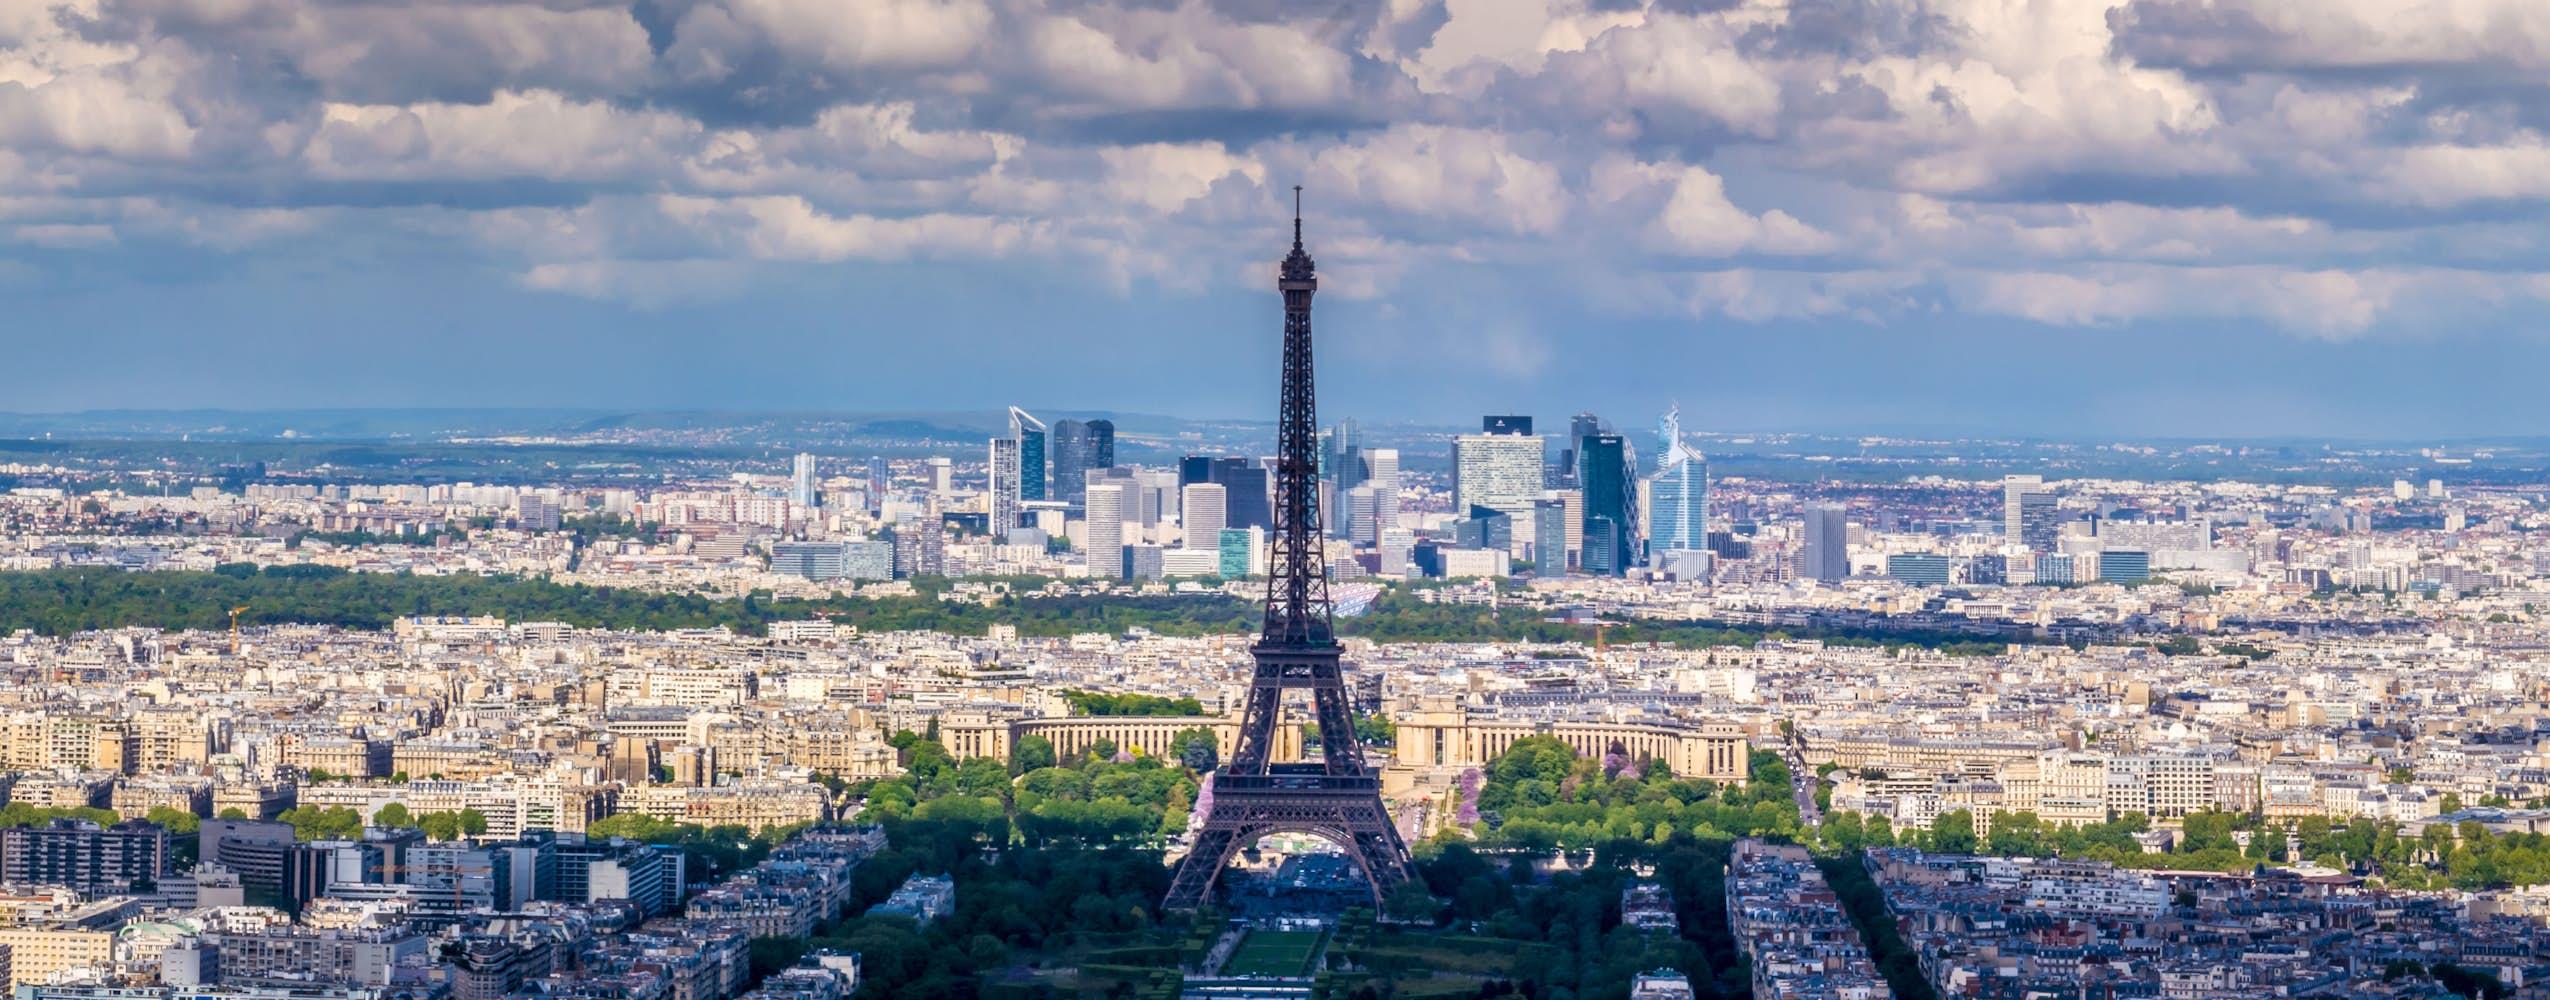 Headout Paris Reviews